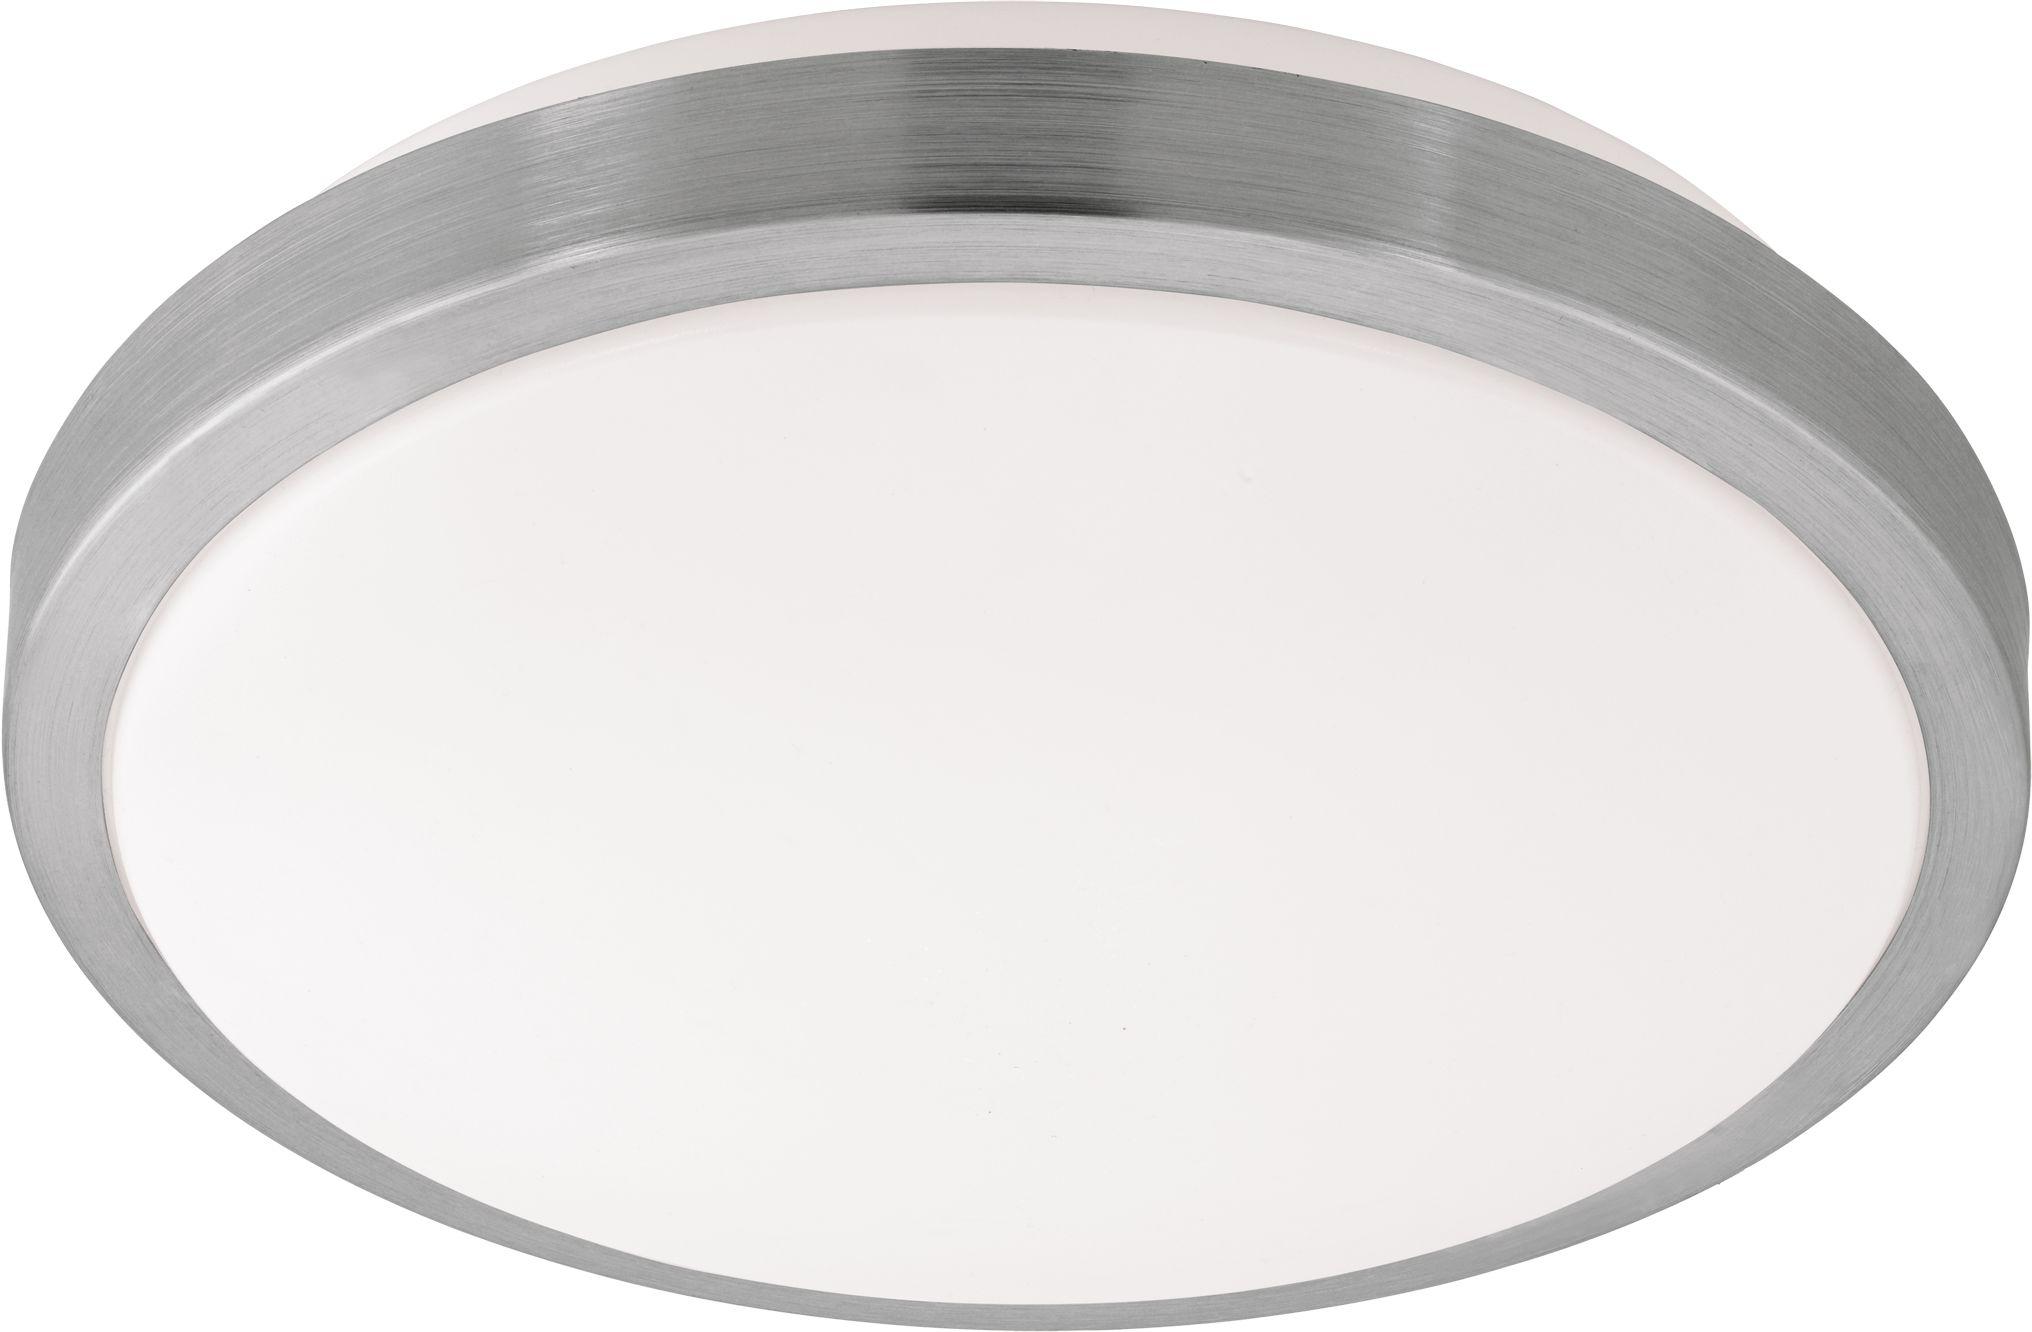 Eglo plafon, lampa sufitowa LED Competa 1 96033 - SUPER OFERTA - RABAT w koszyku